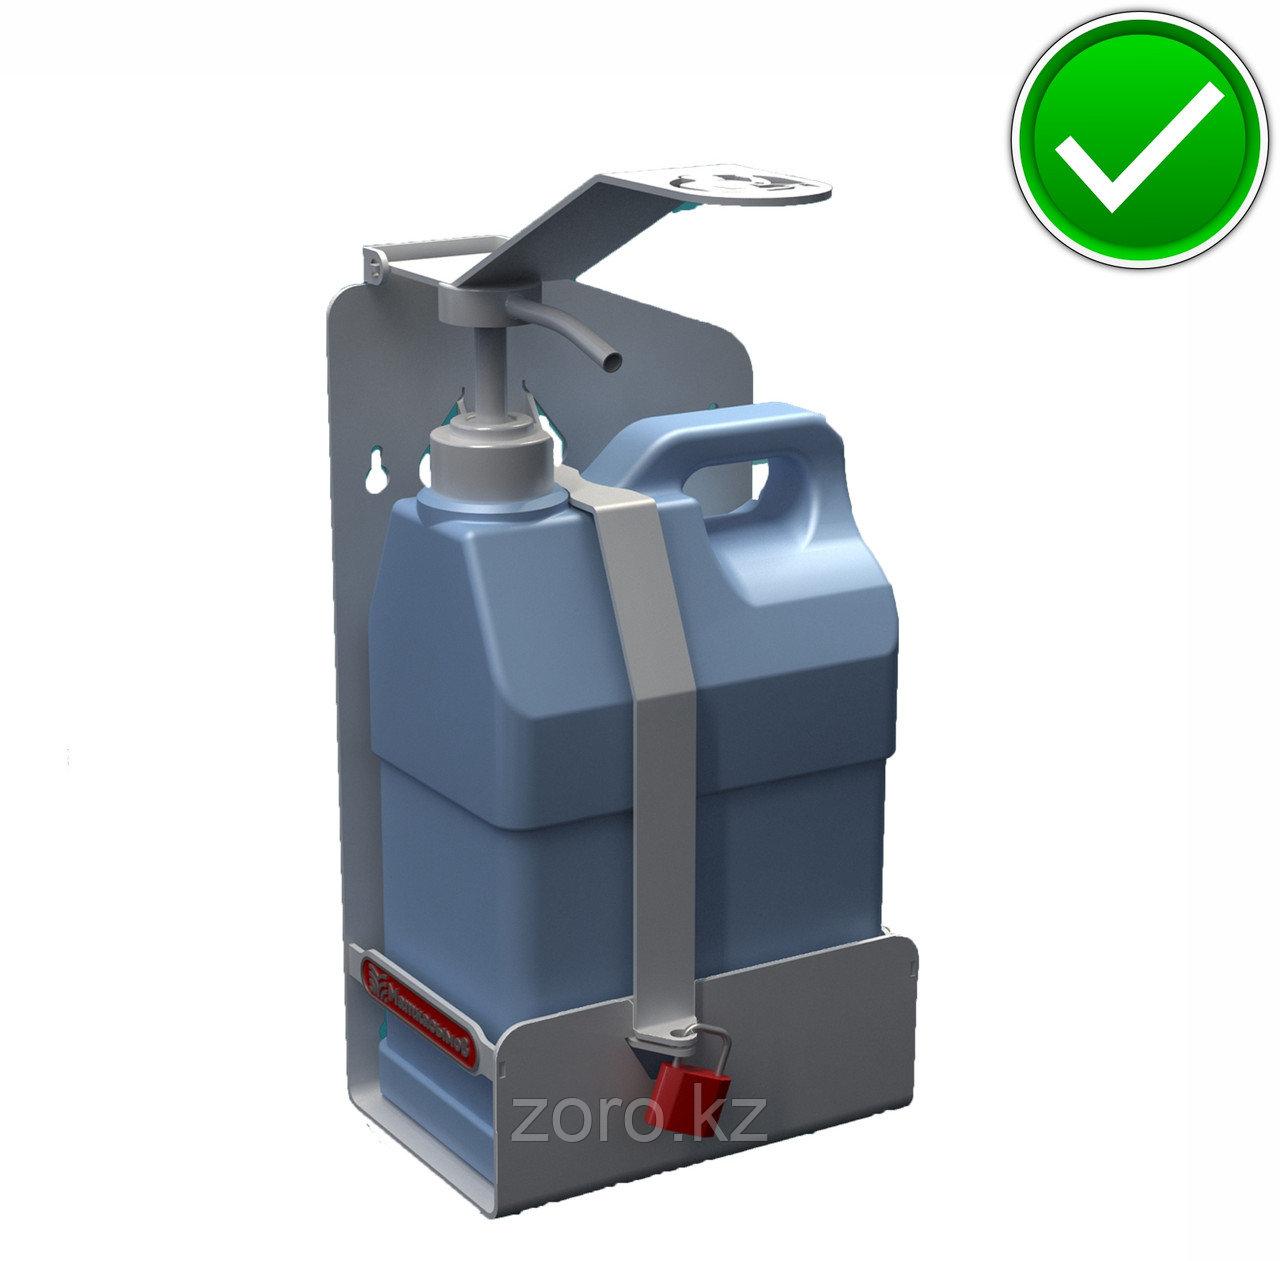 Настенный локтевой дозатор (диспенсер) для антисептика и жидкого мыла 2000 мл